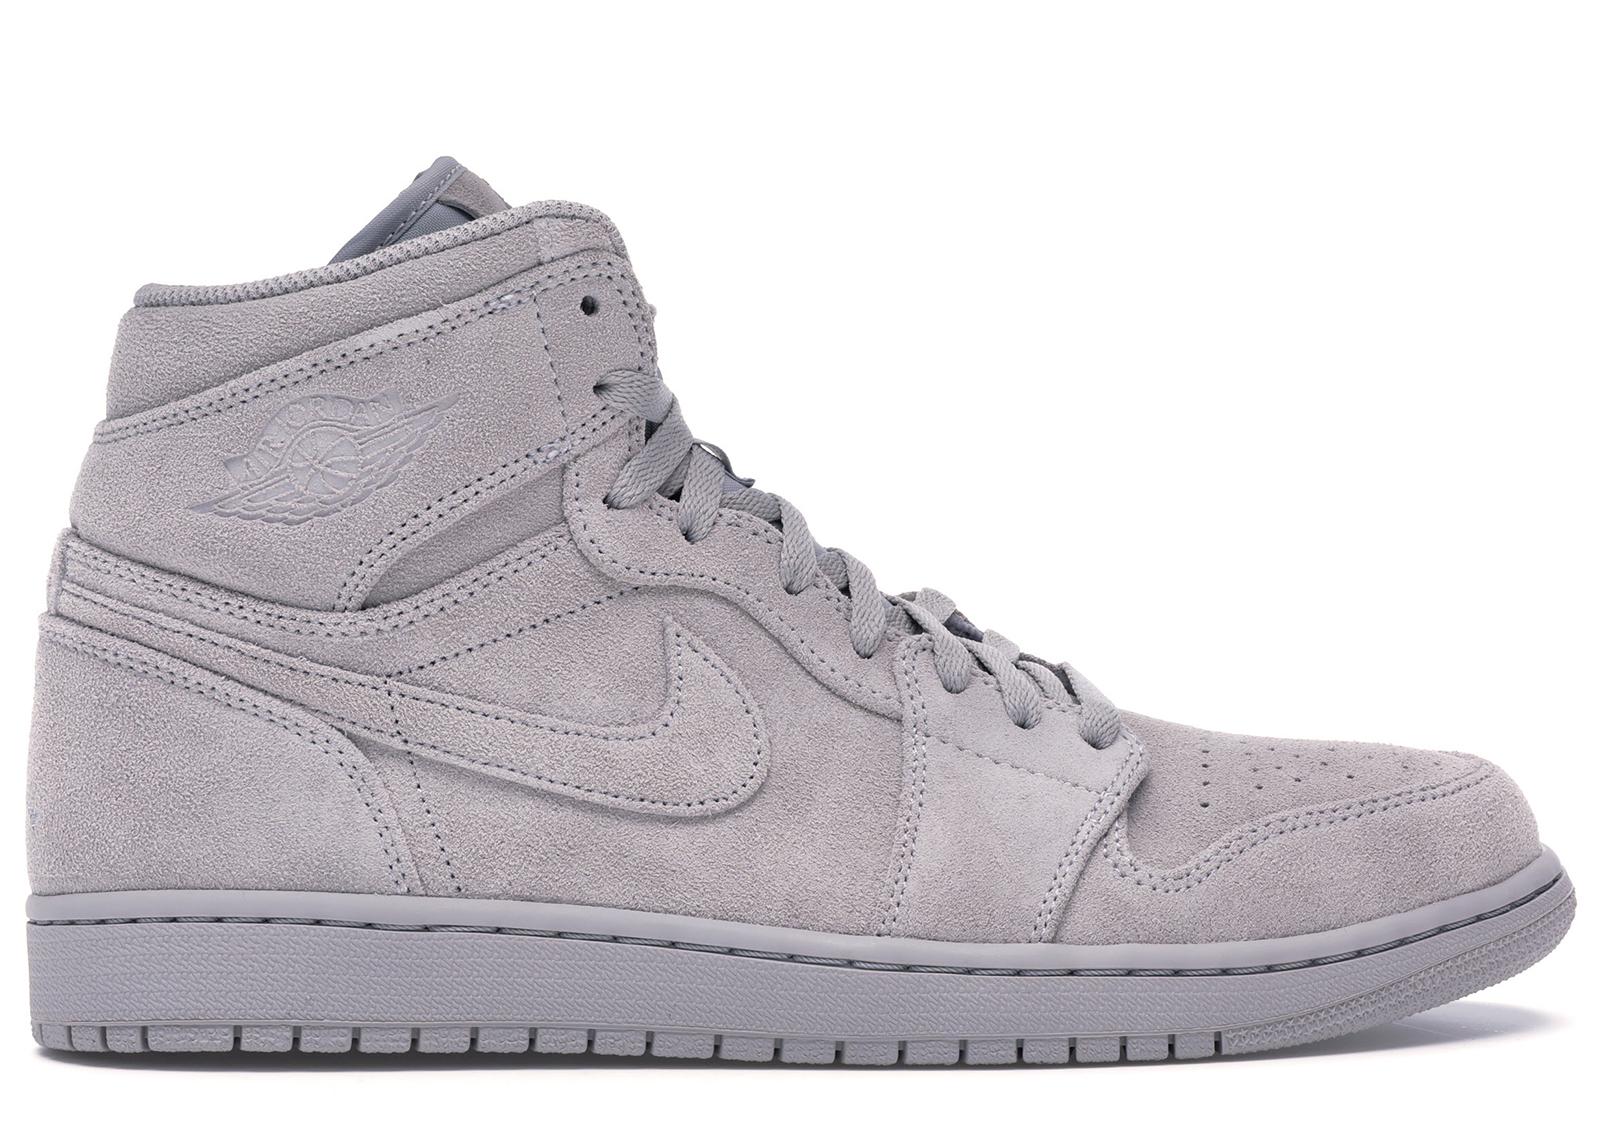 Jordan 1 Retro High Grey Suede - 332550-031